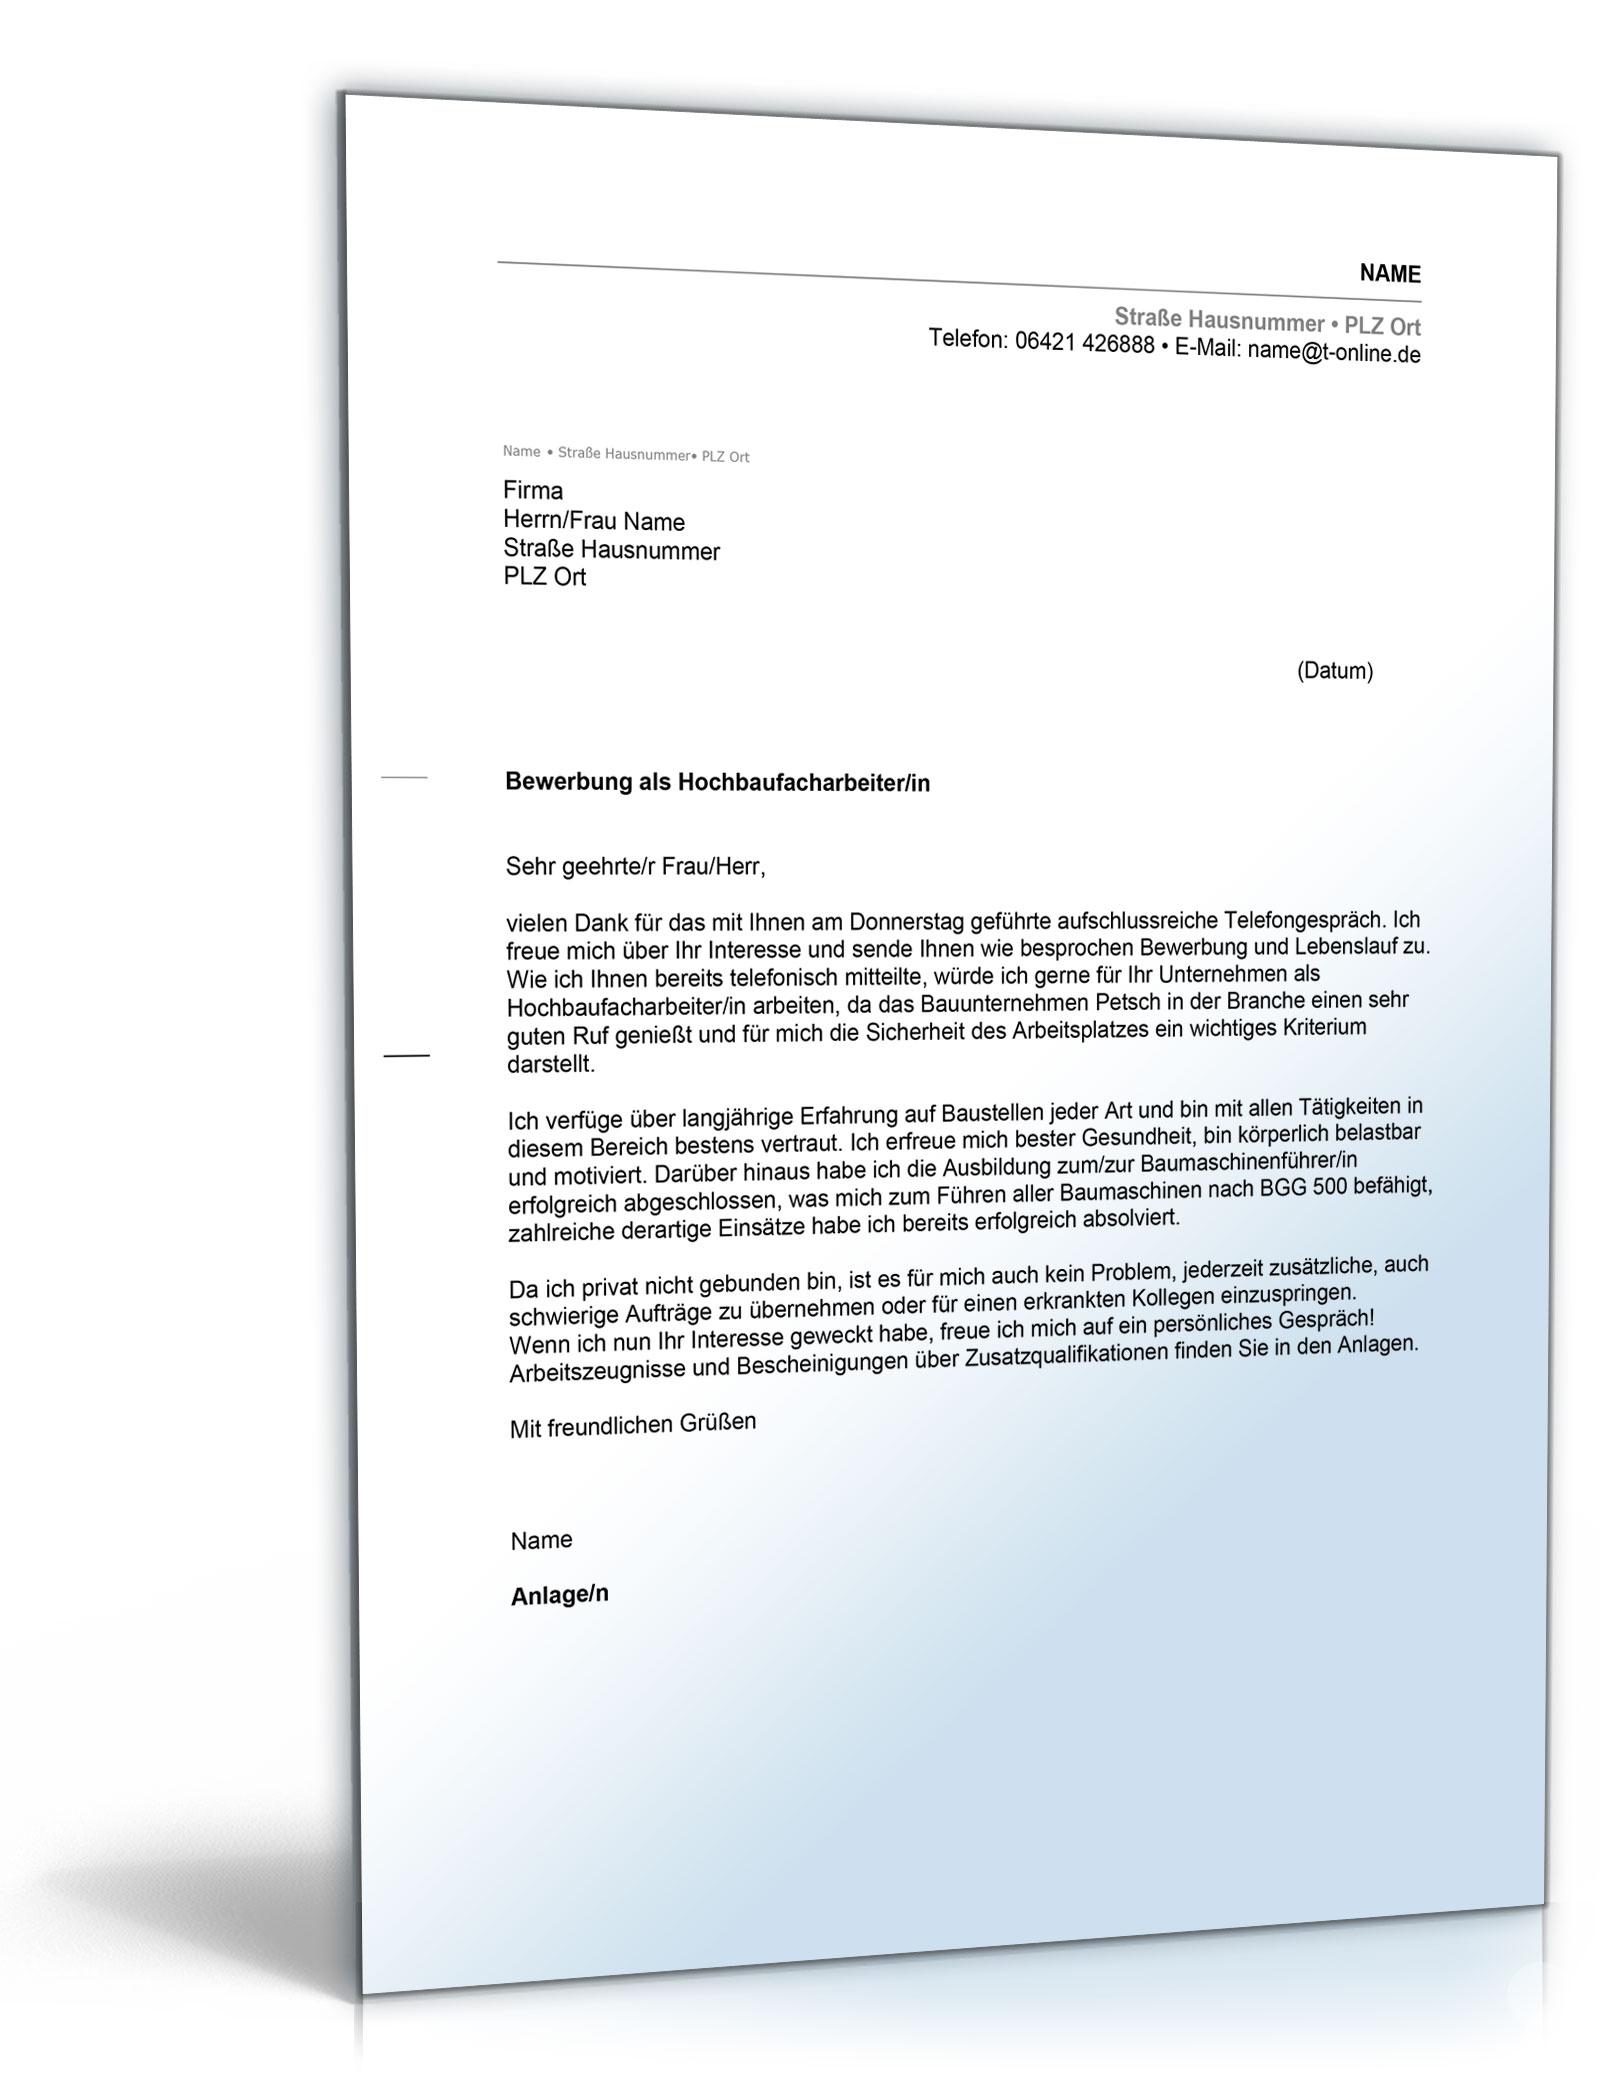 anschreiben bewerbung hochbaufacharbeiter - Bewerbung Sicherheitsdienst